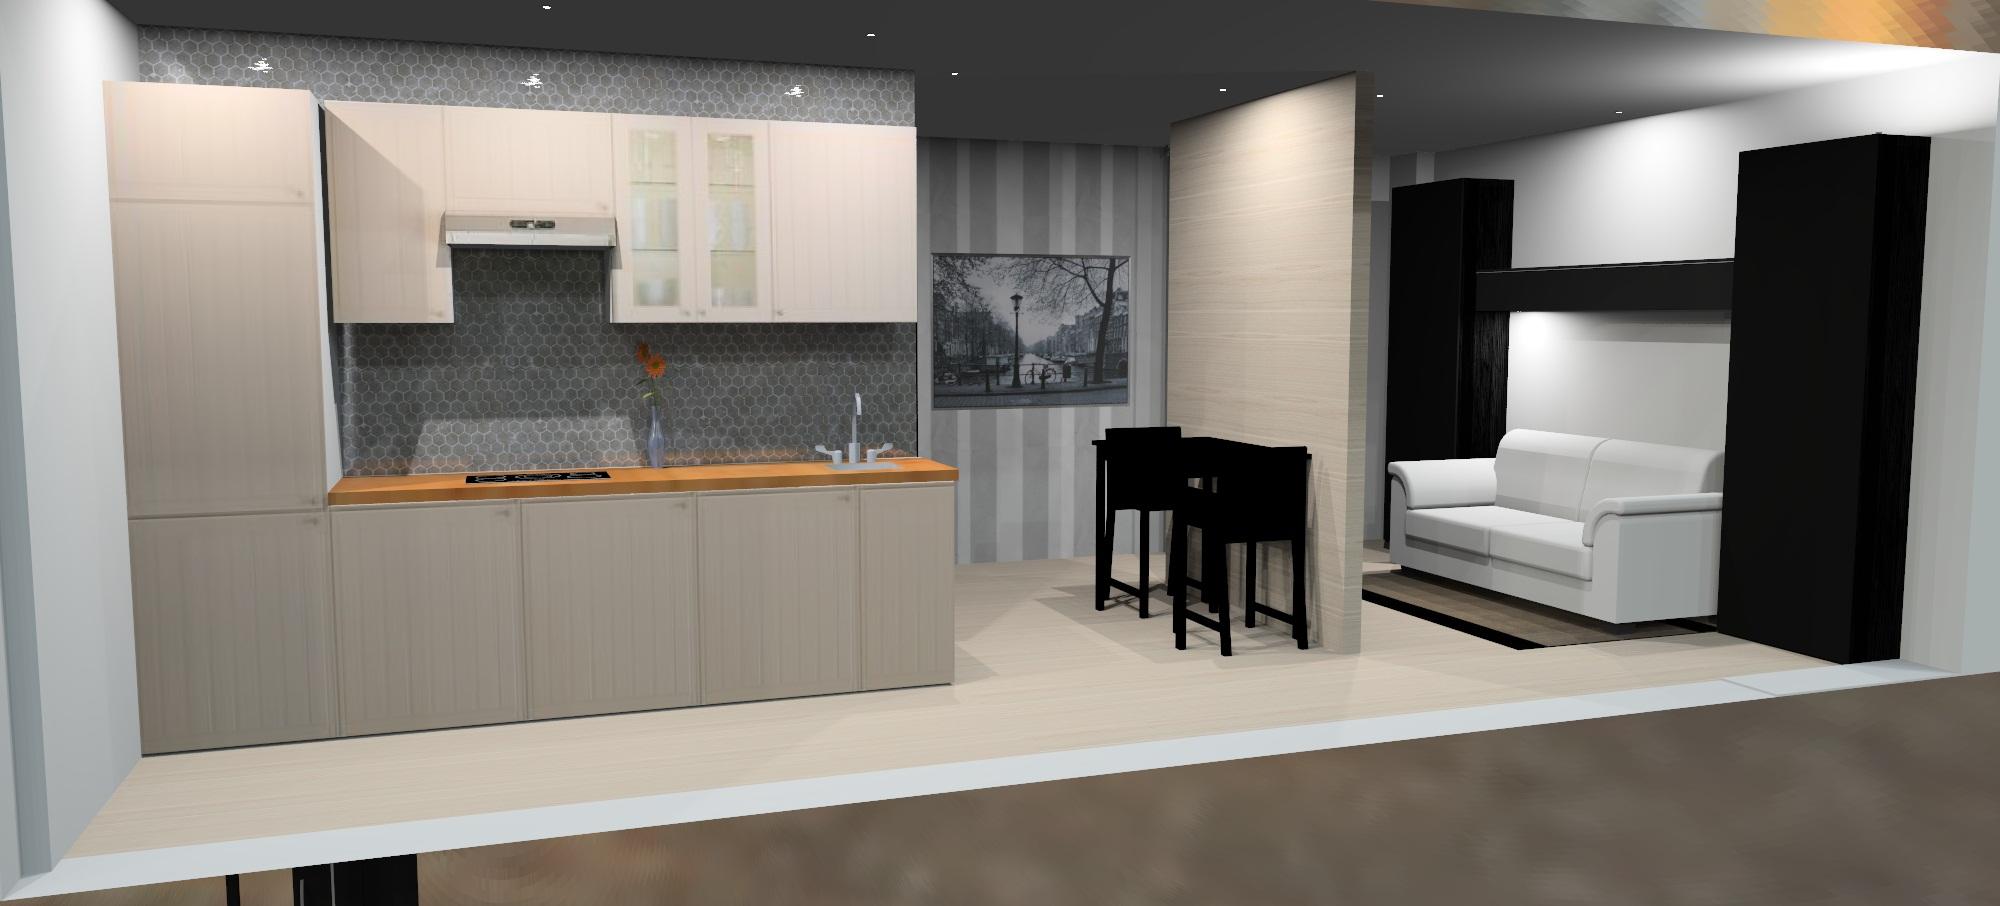 Piso 40m2 domestika - Salon comedor cocina ...